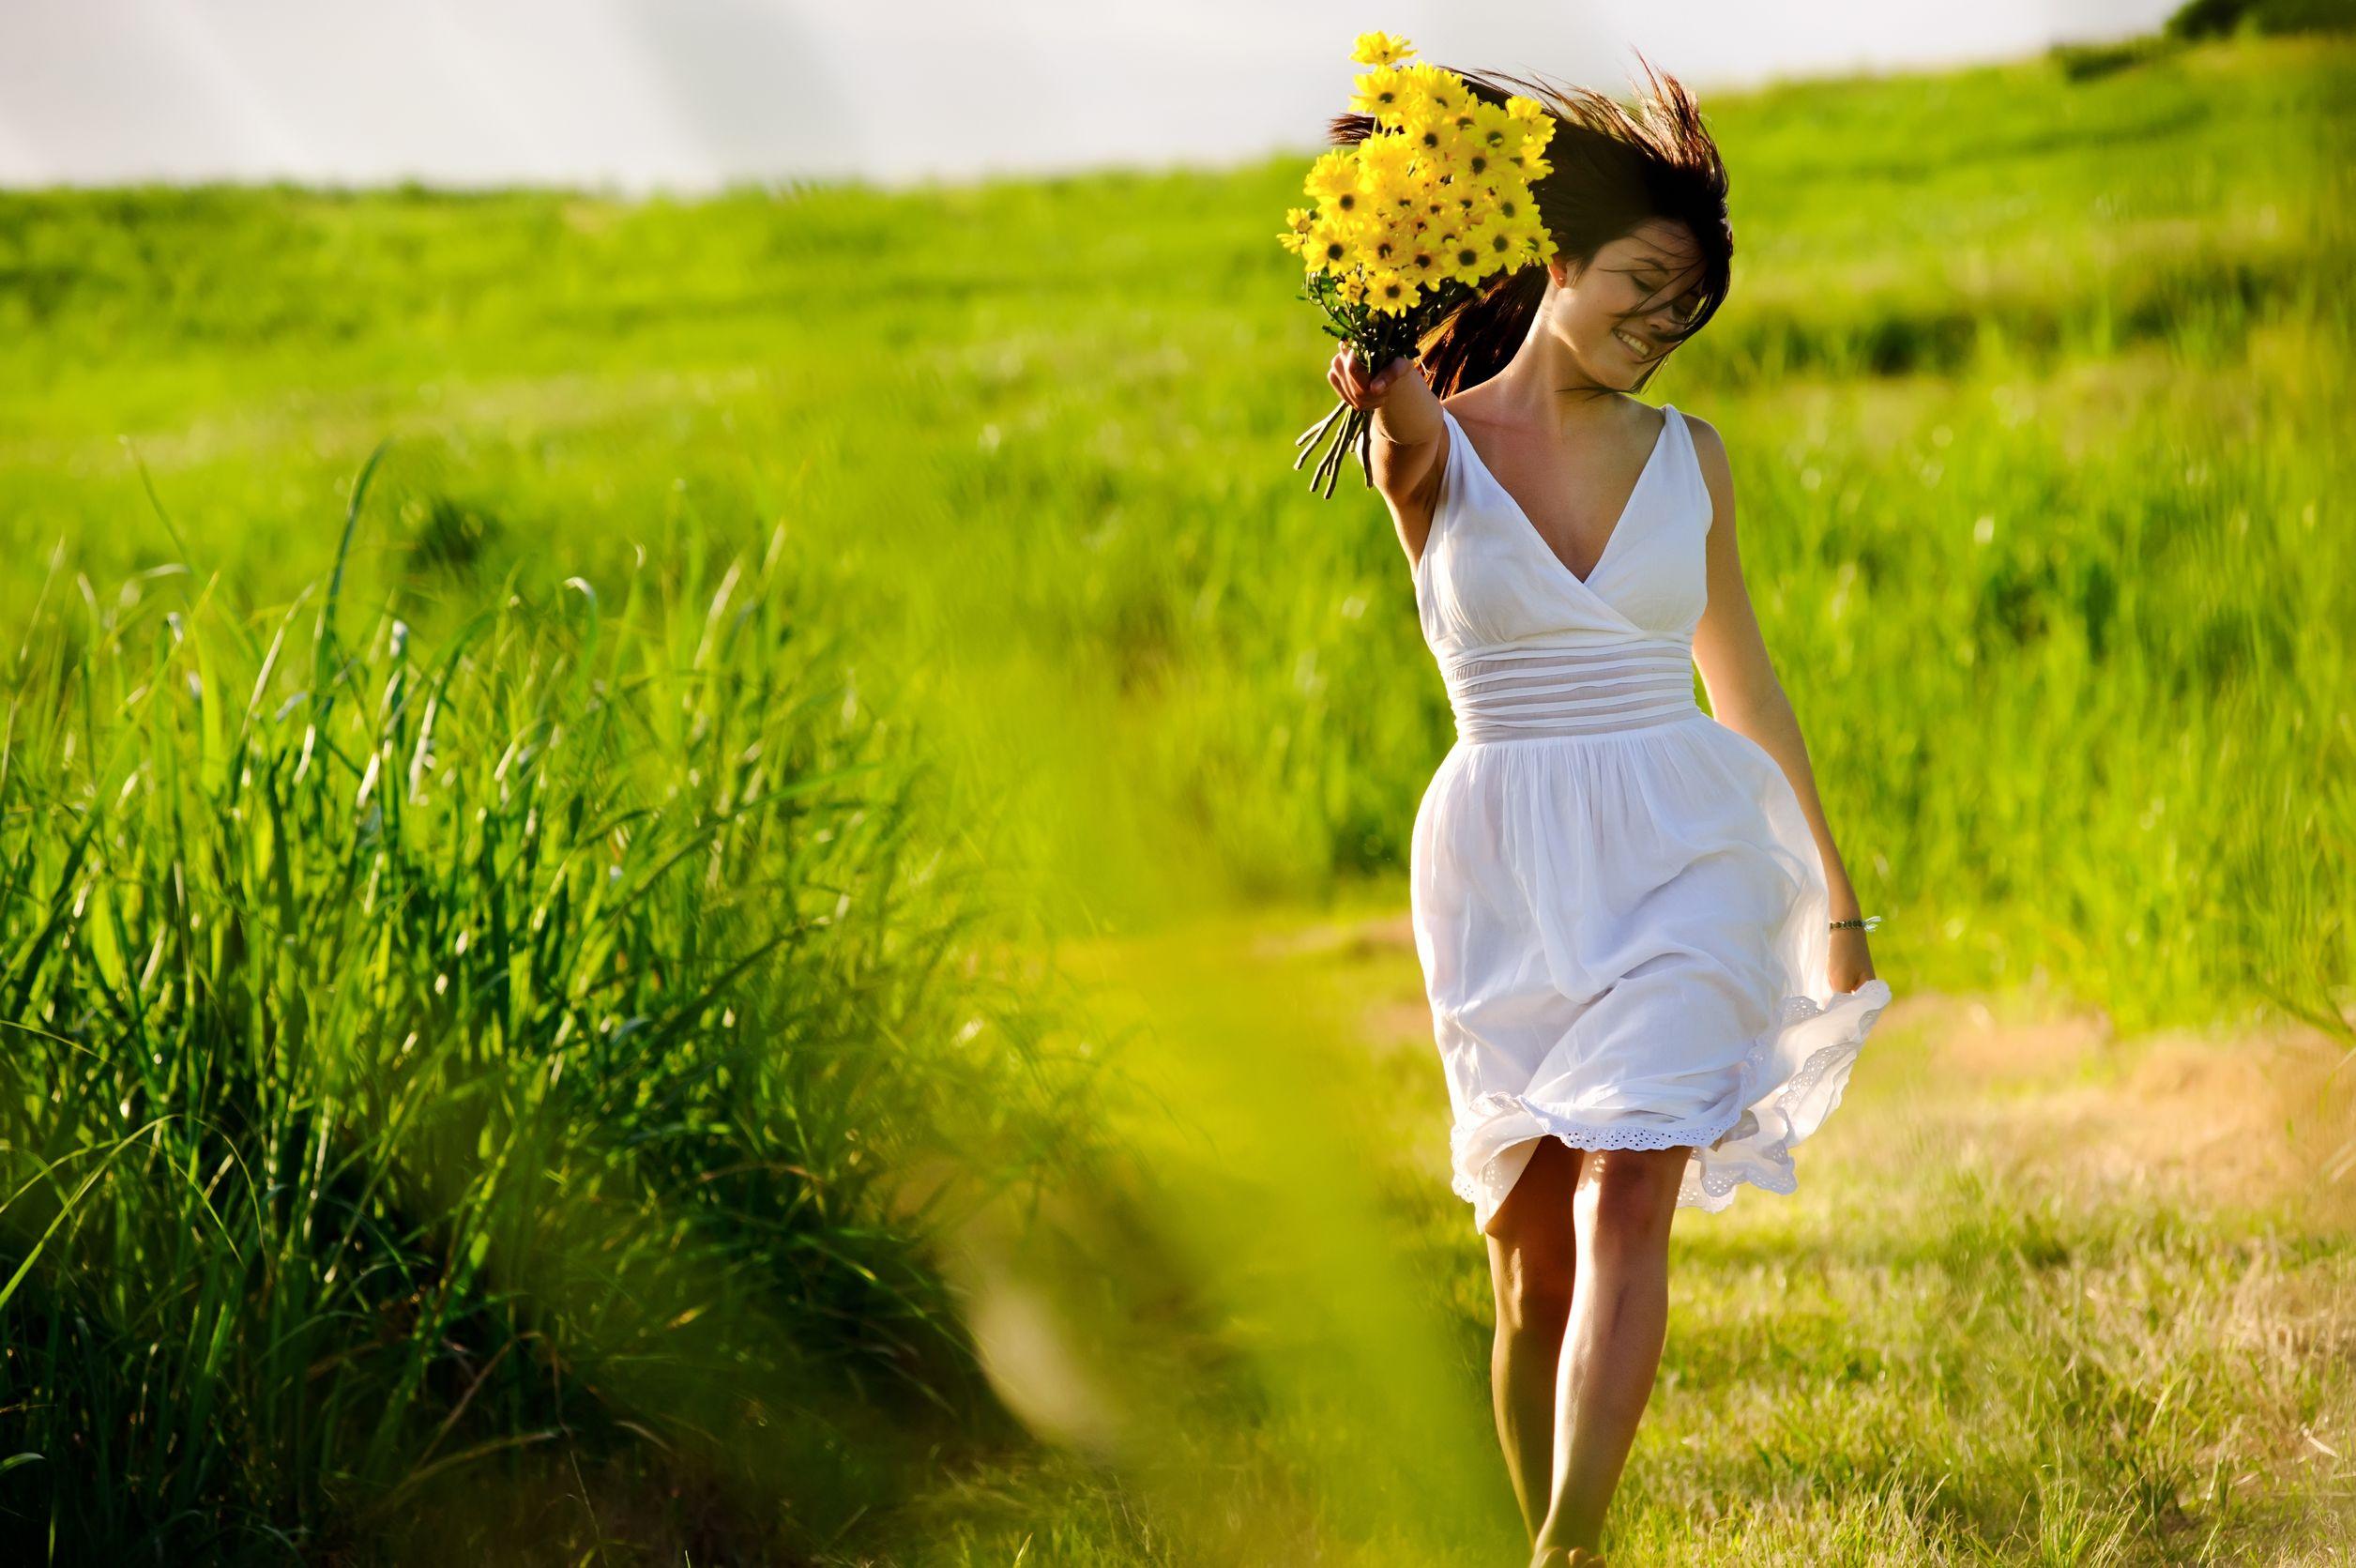 Mulher oriental sorrindo e correndo por um campo enquanto usa um vestido braco e segura um buque de pequenas flores amarelas.